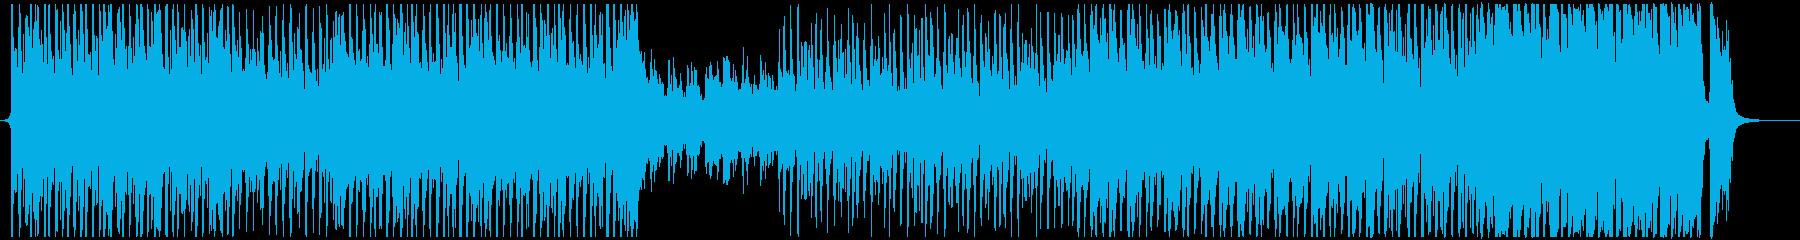 壮大な幕開けオーケストラ-希望epicの再生済みの波形